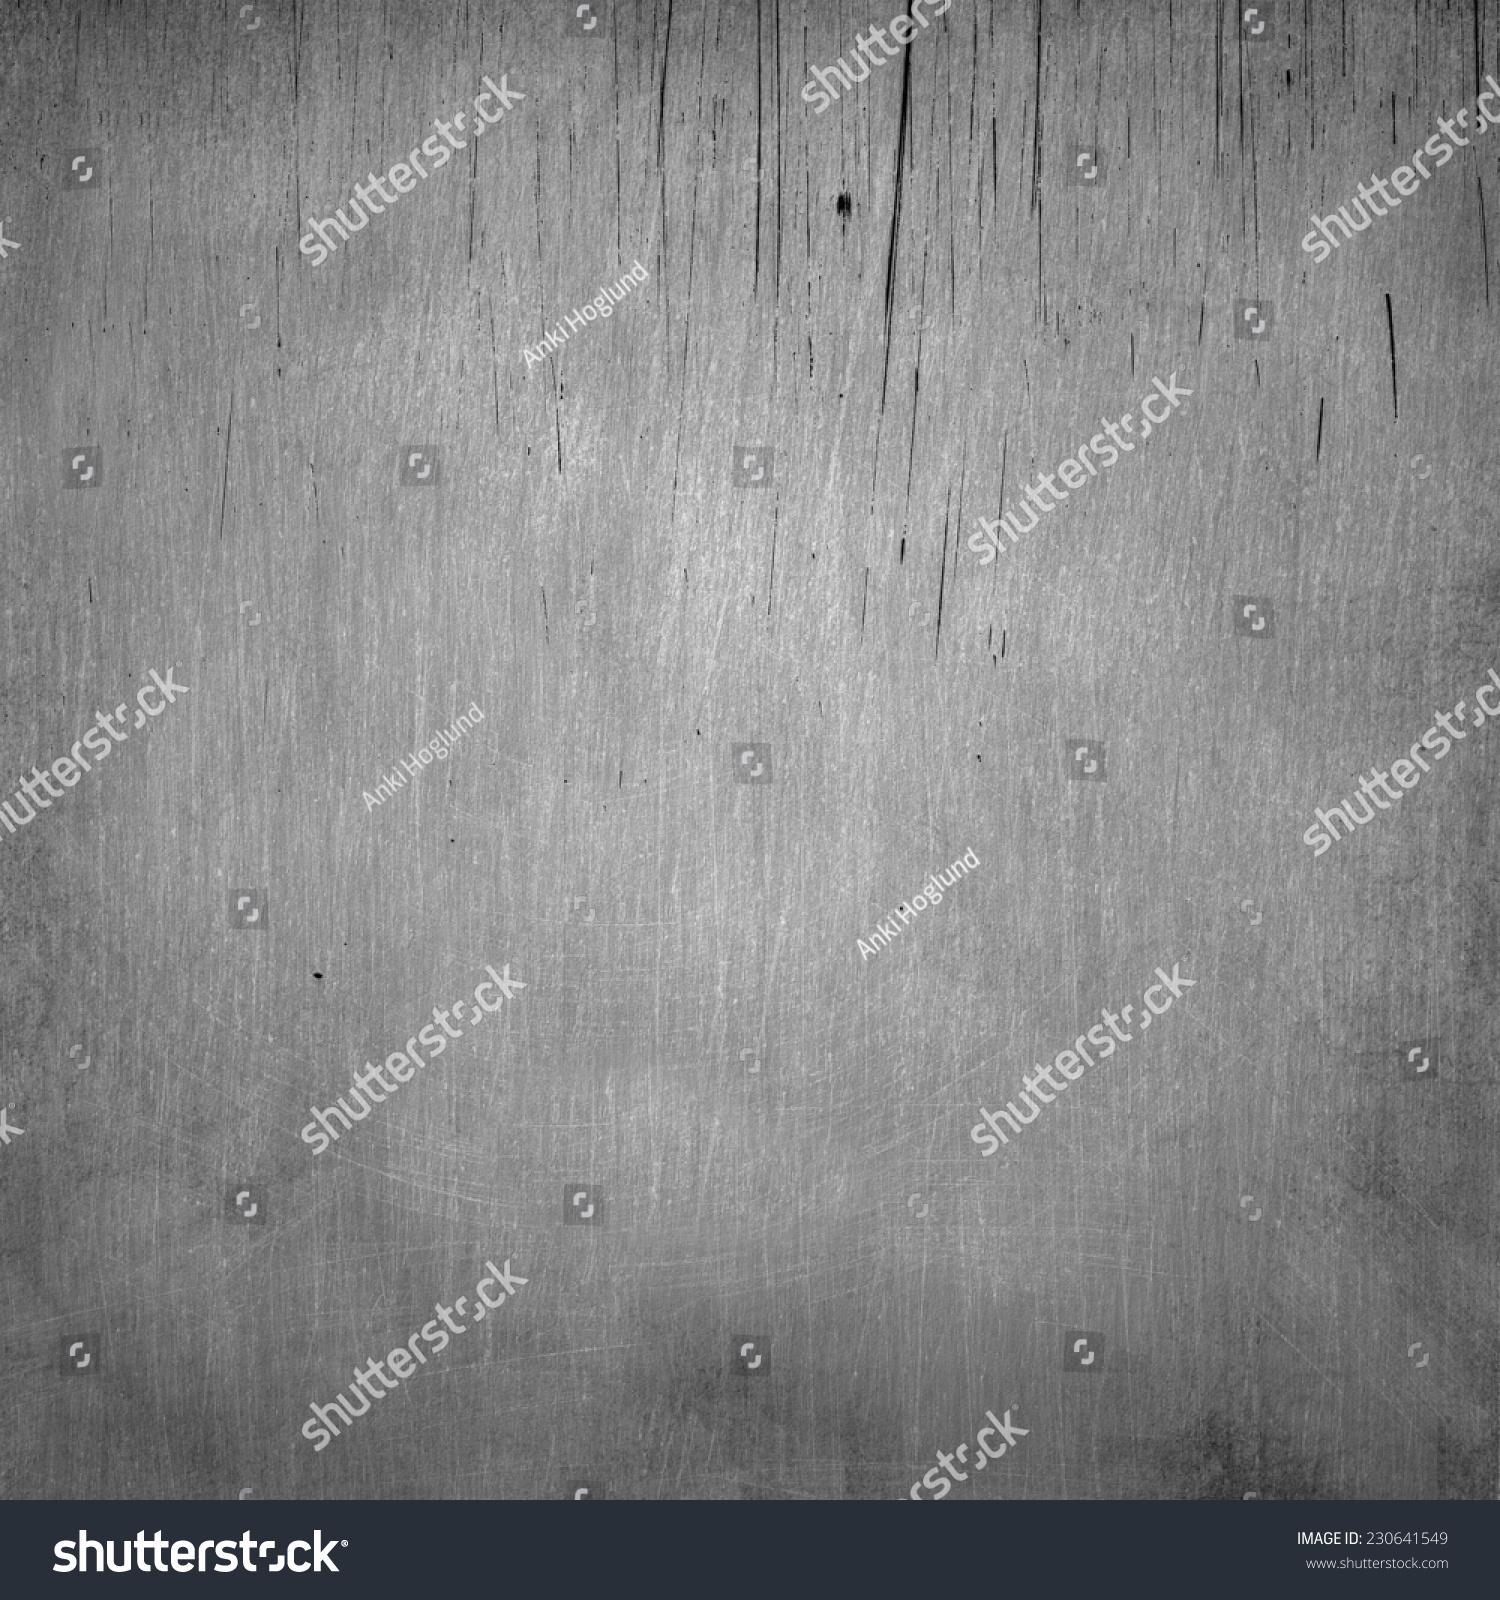 Driftwood background photo